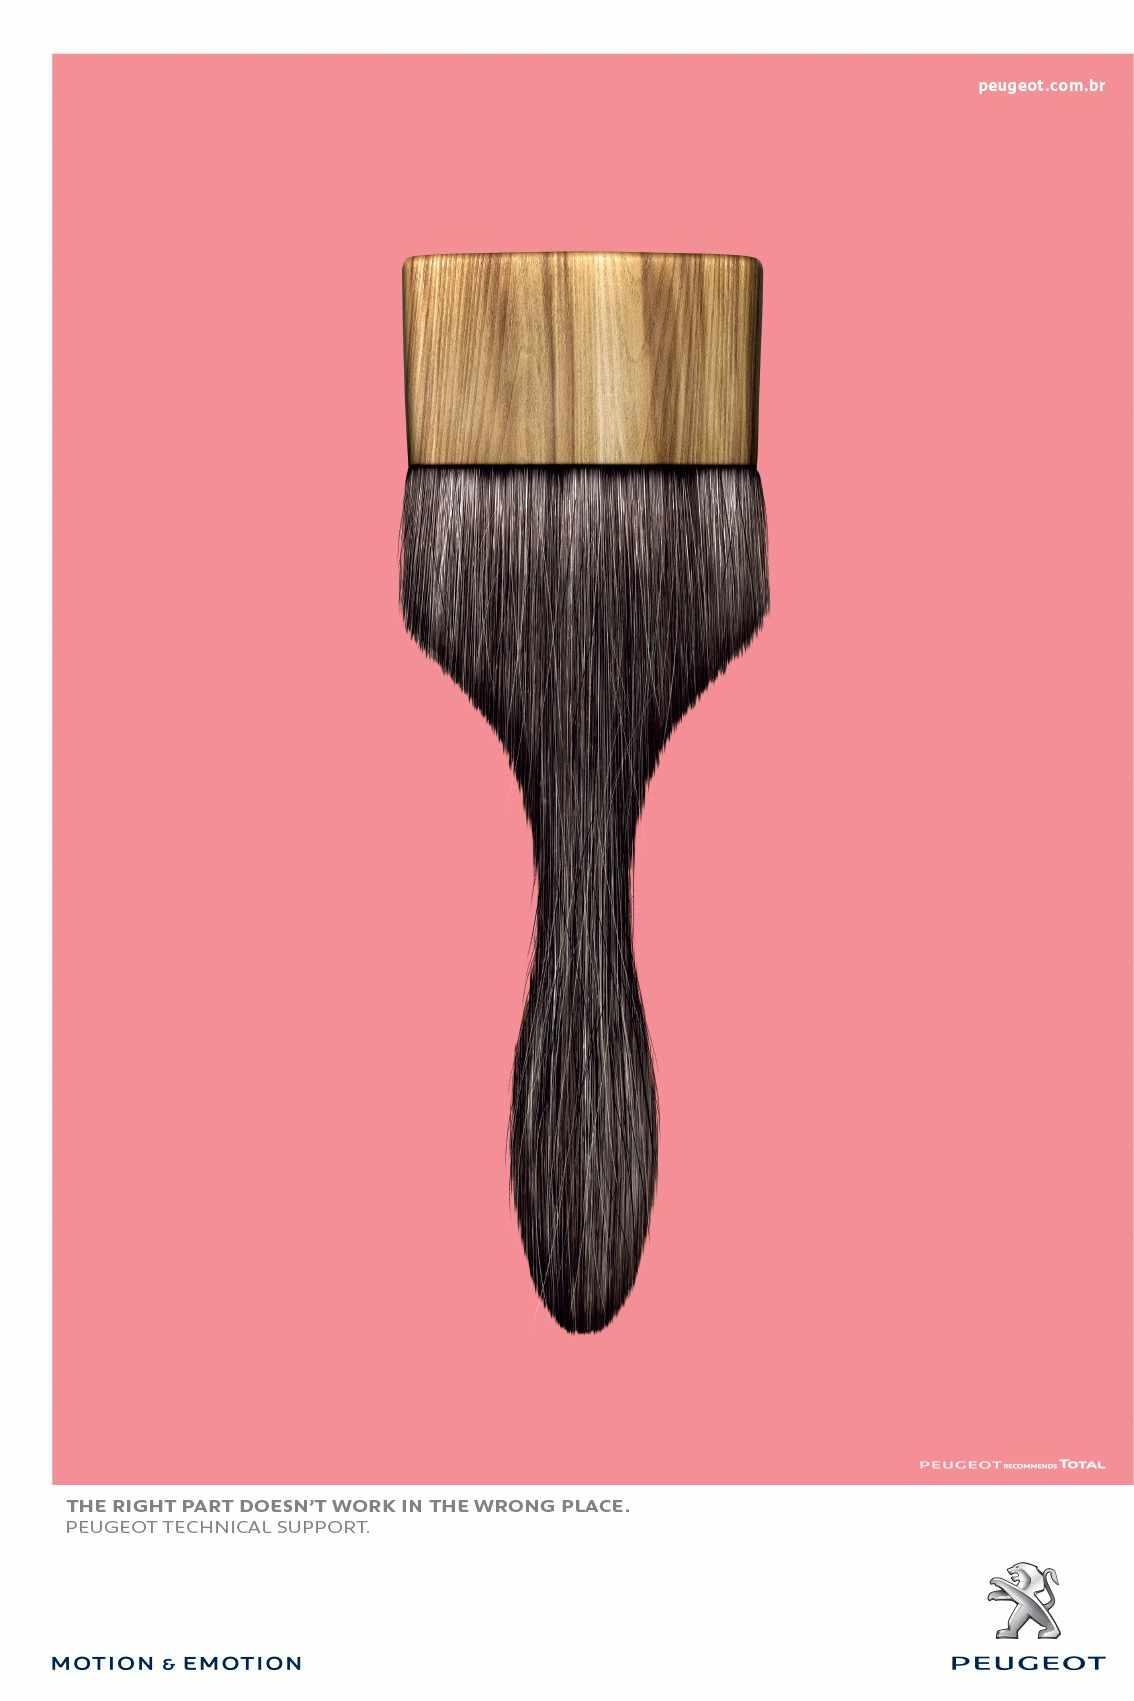 Iklan-Mobil-Peugeot-Brush